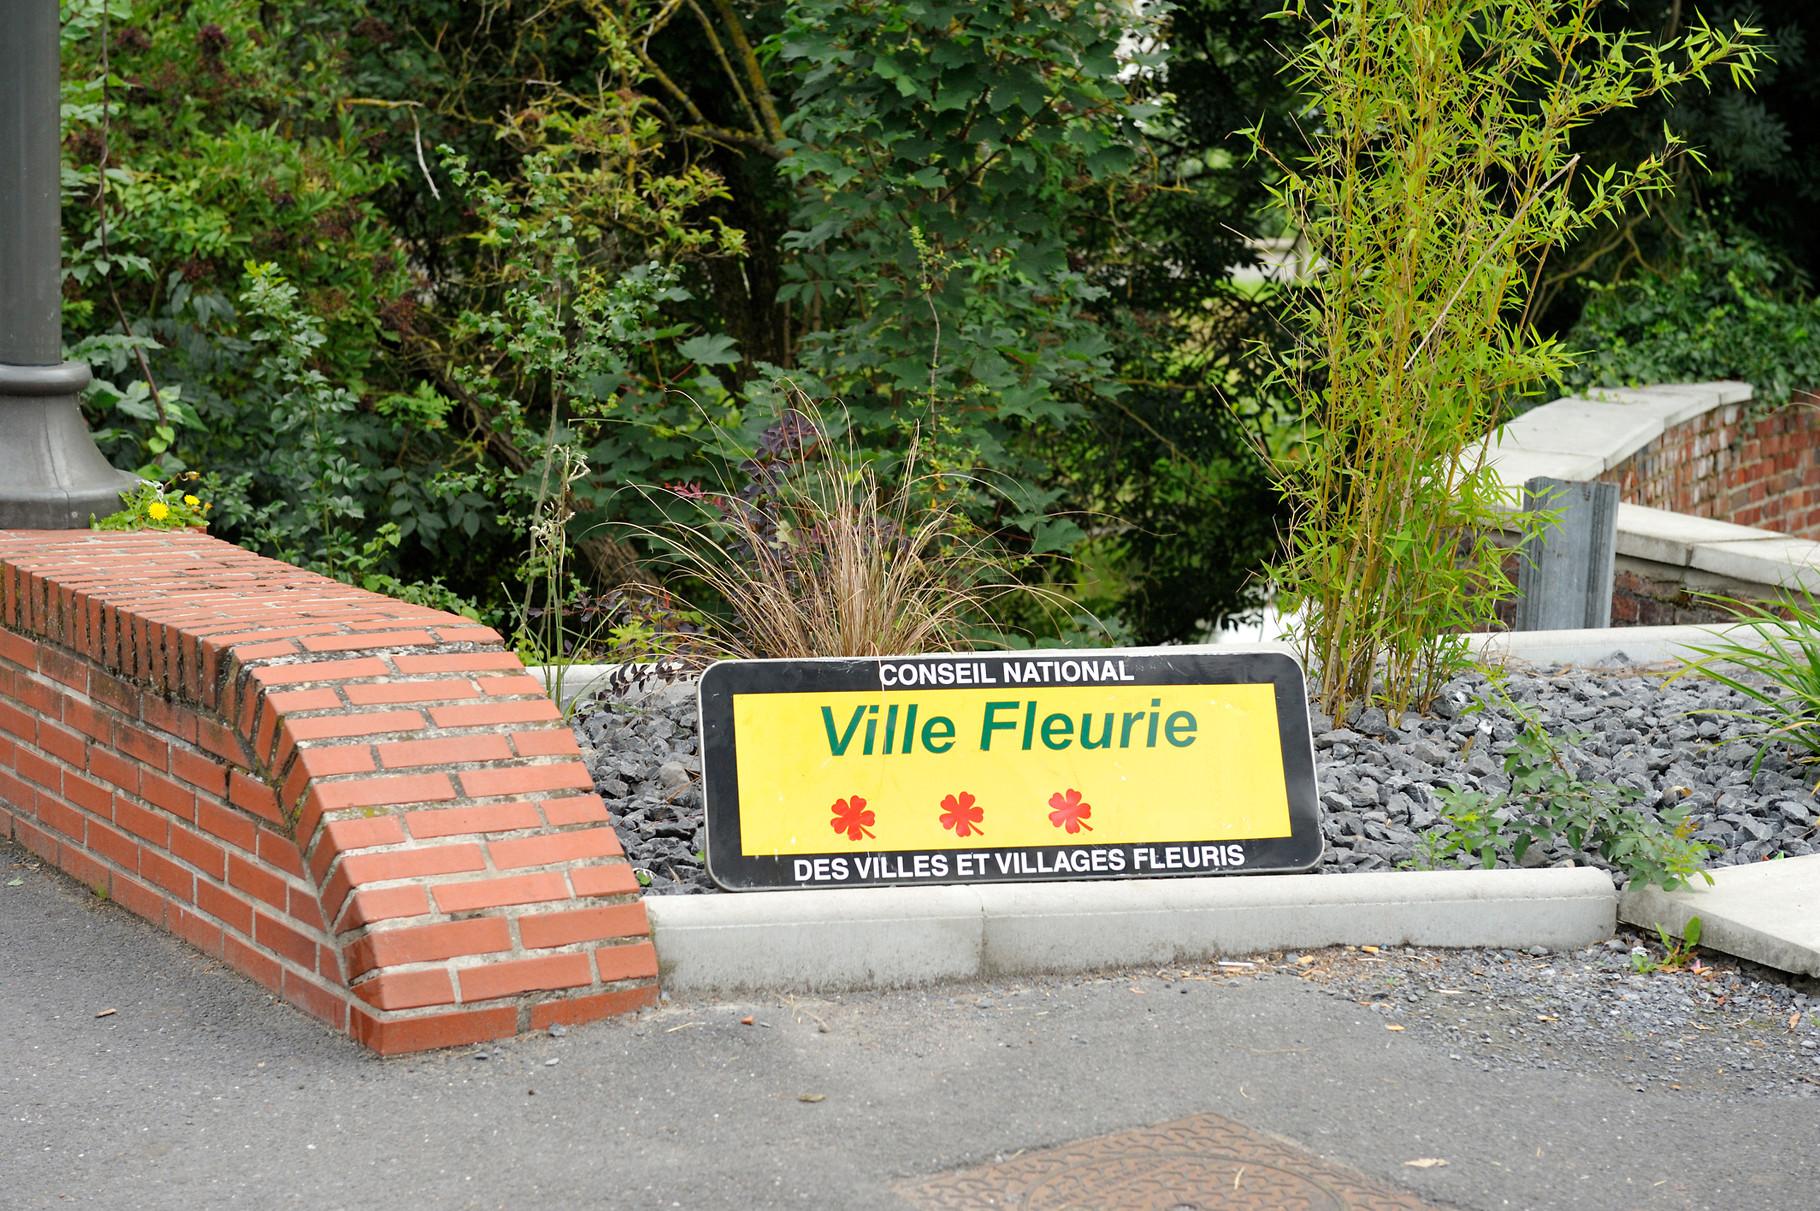 Panneau « Villes et Villages Fleuris » de Vieux-Condé, ville « 3 Fleurs » par Richard Soberka